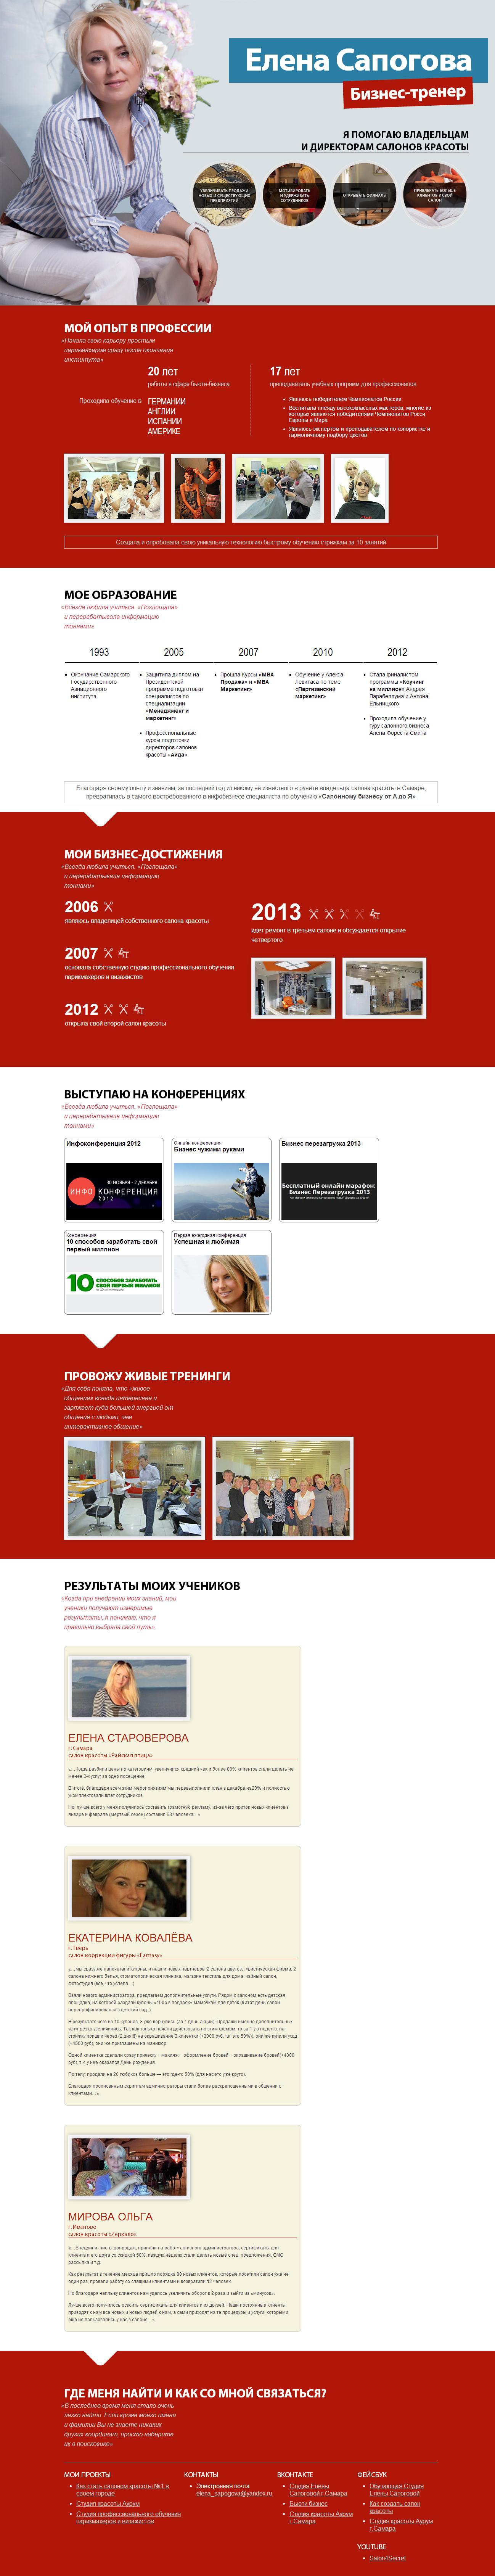 Персональная страница Елены Сапоговой